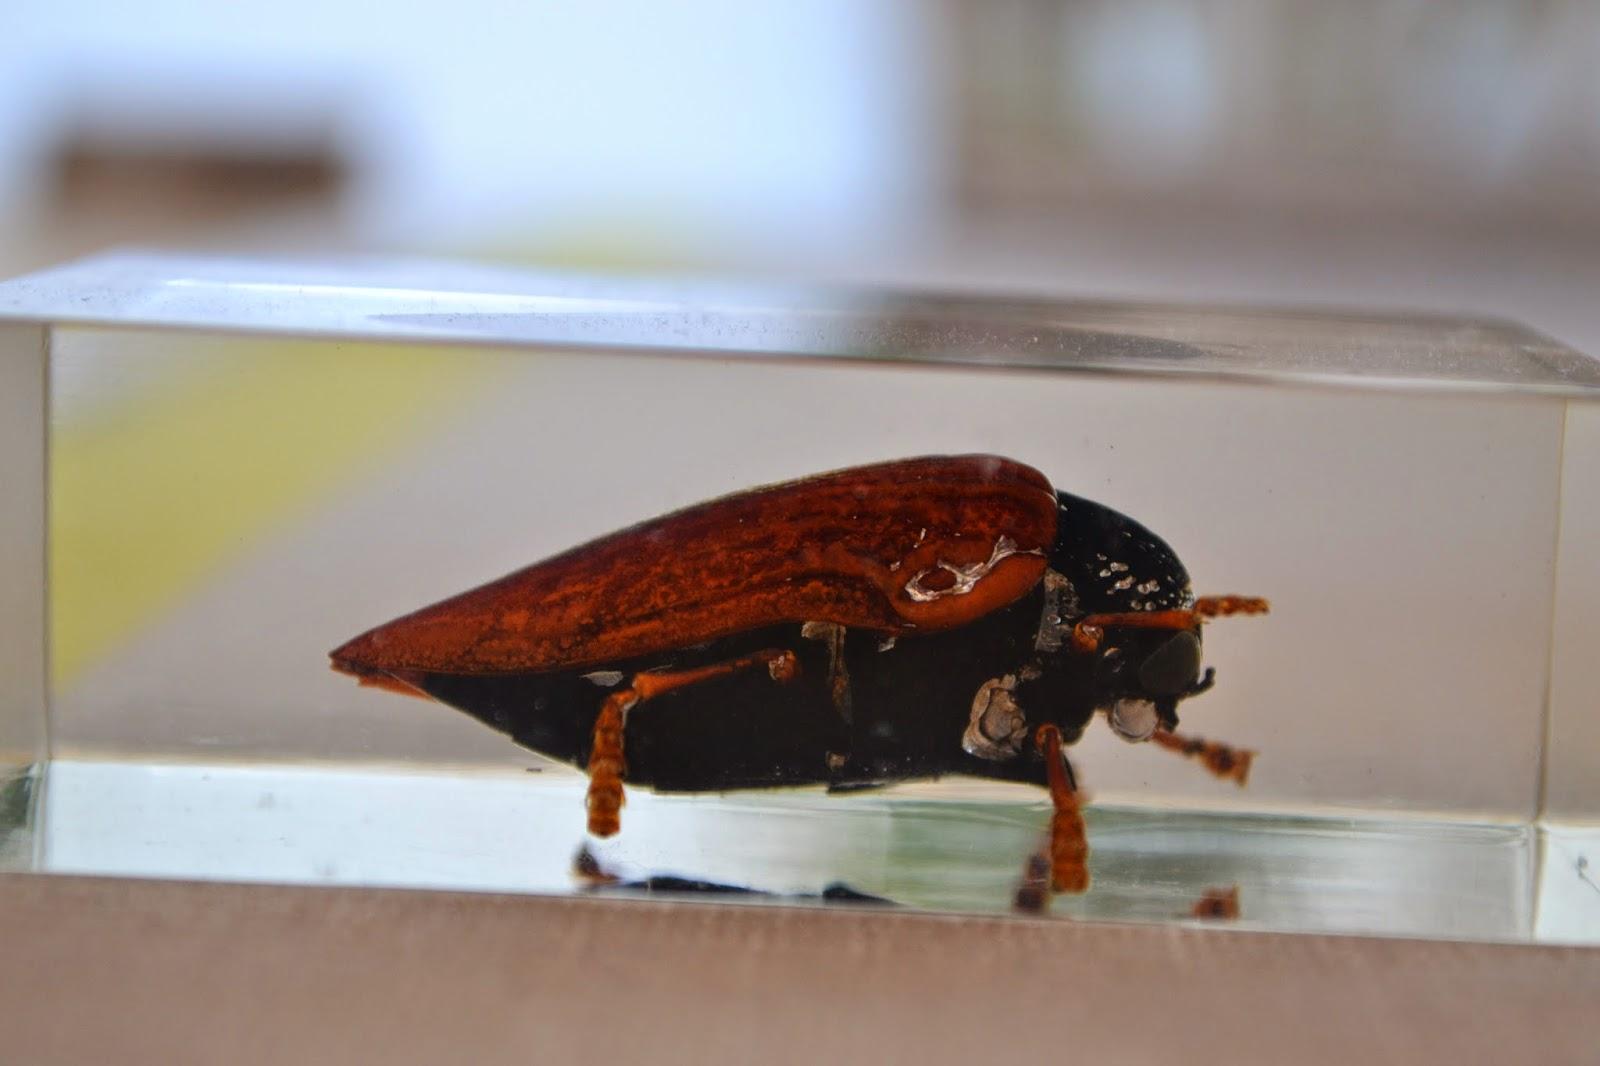 Jewel beetle in acrylic